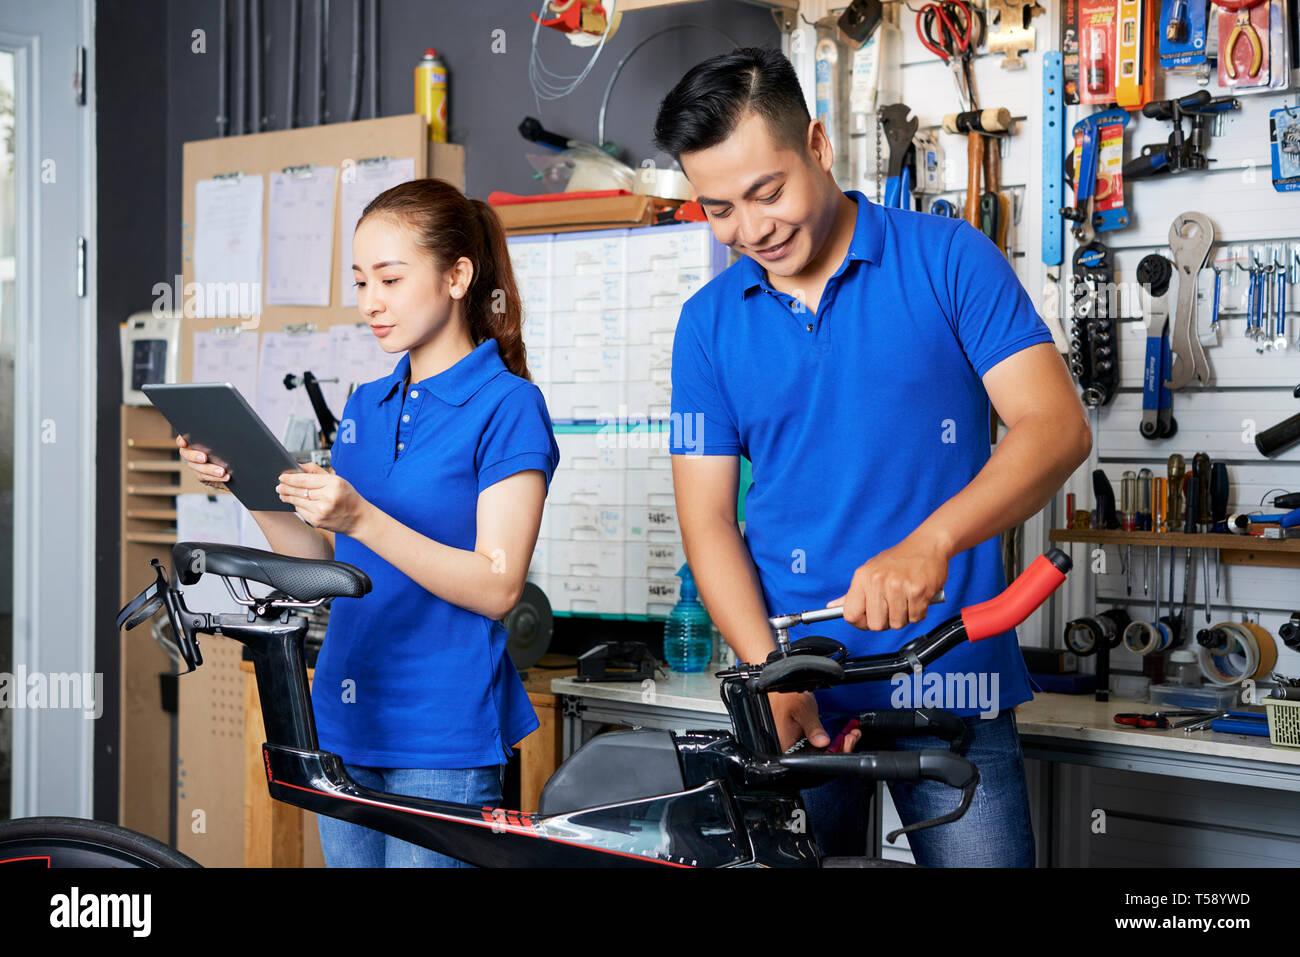 People repairing the bike in team - Stock Image